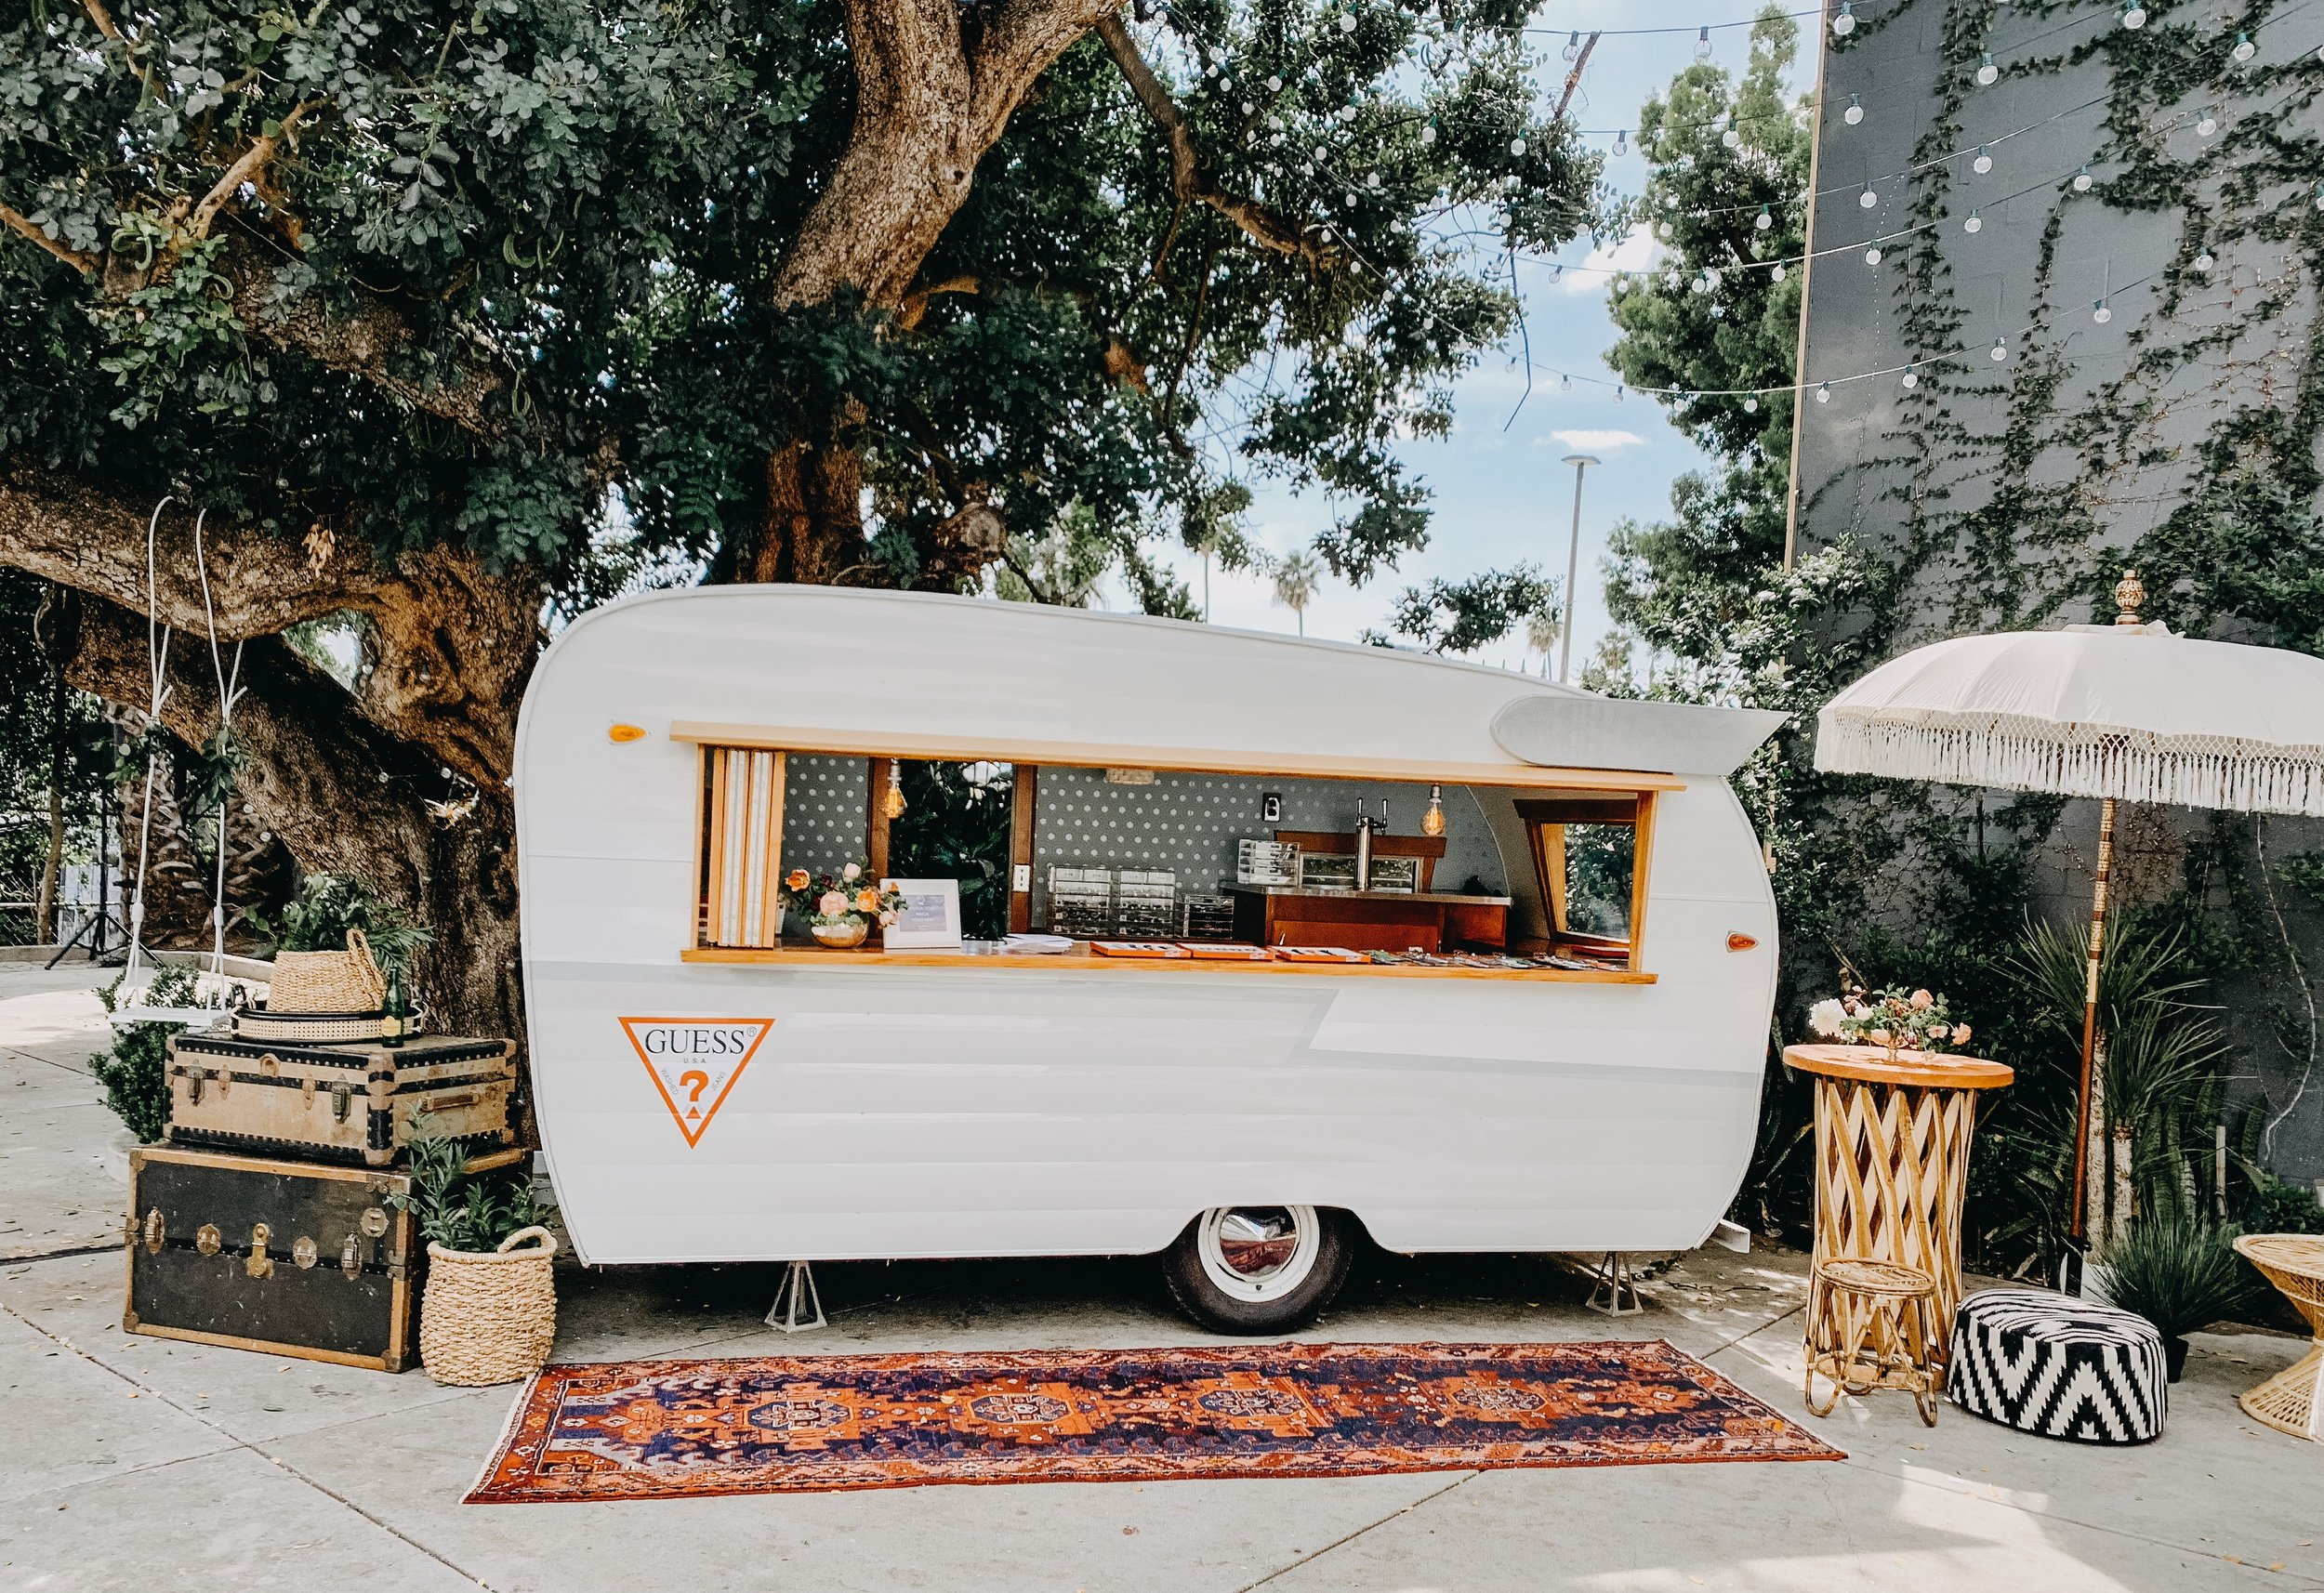 Sidecar Shasta Vintage Bar & Vending Trailer at branded pop-up